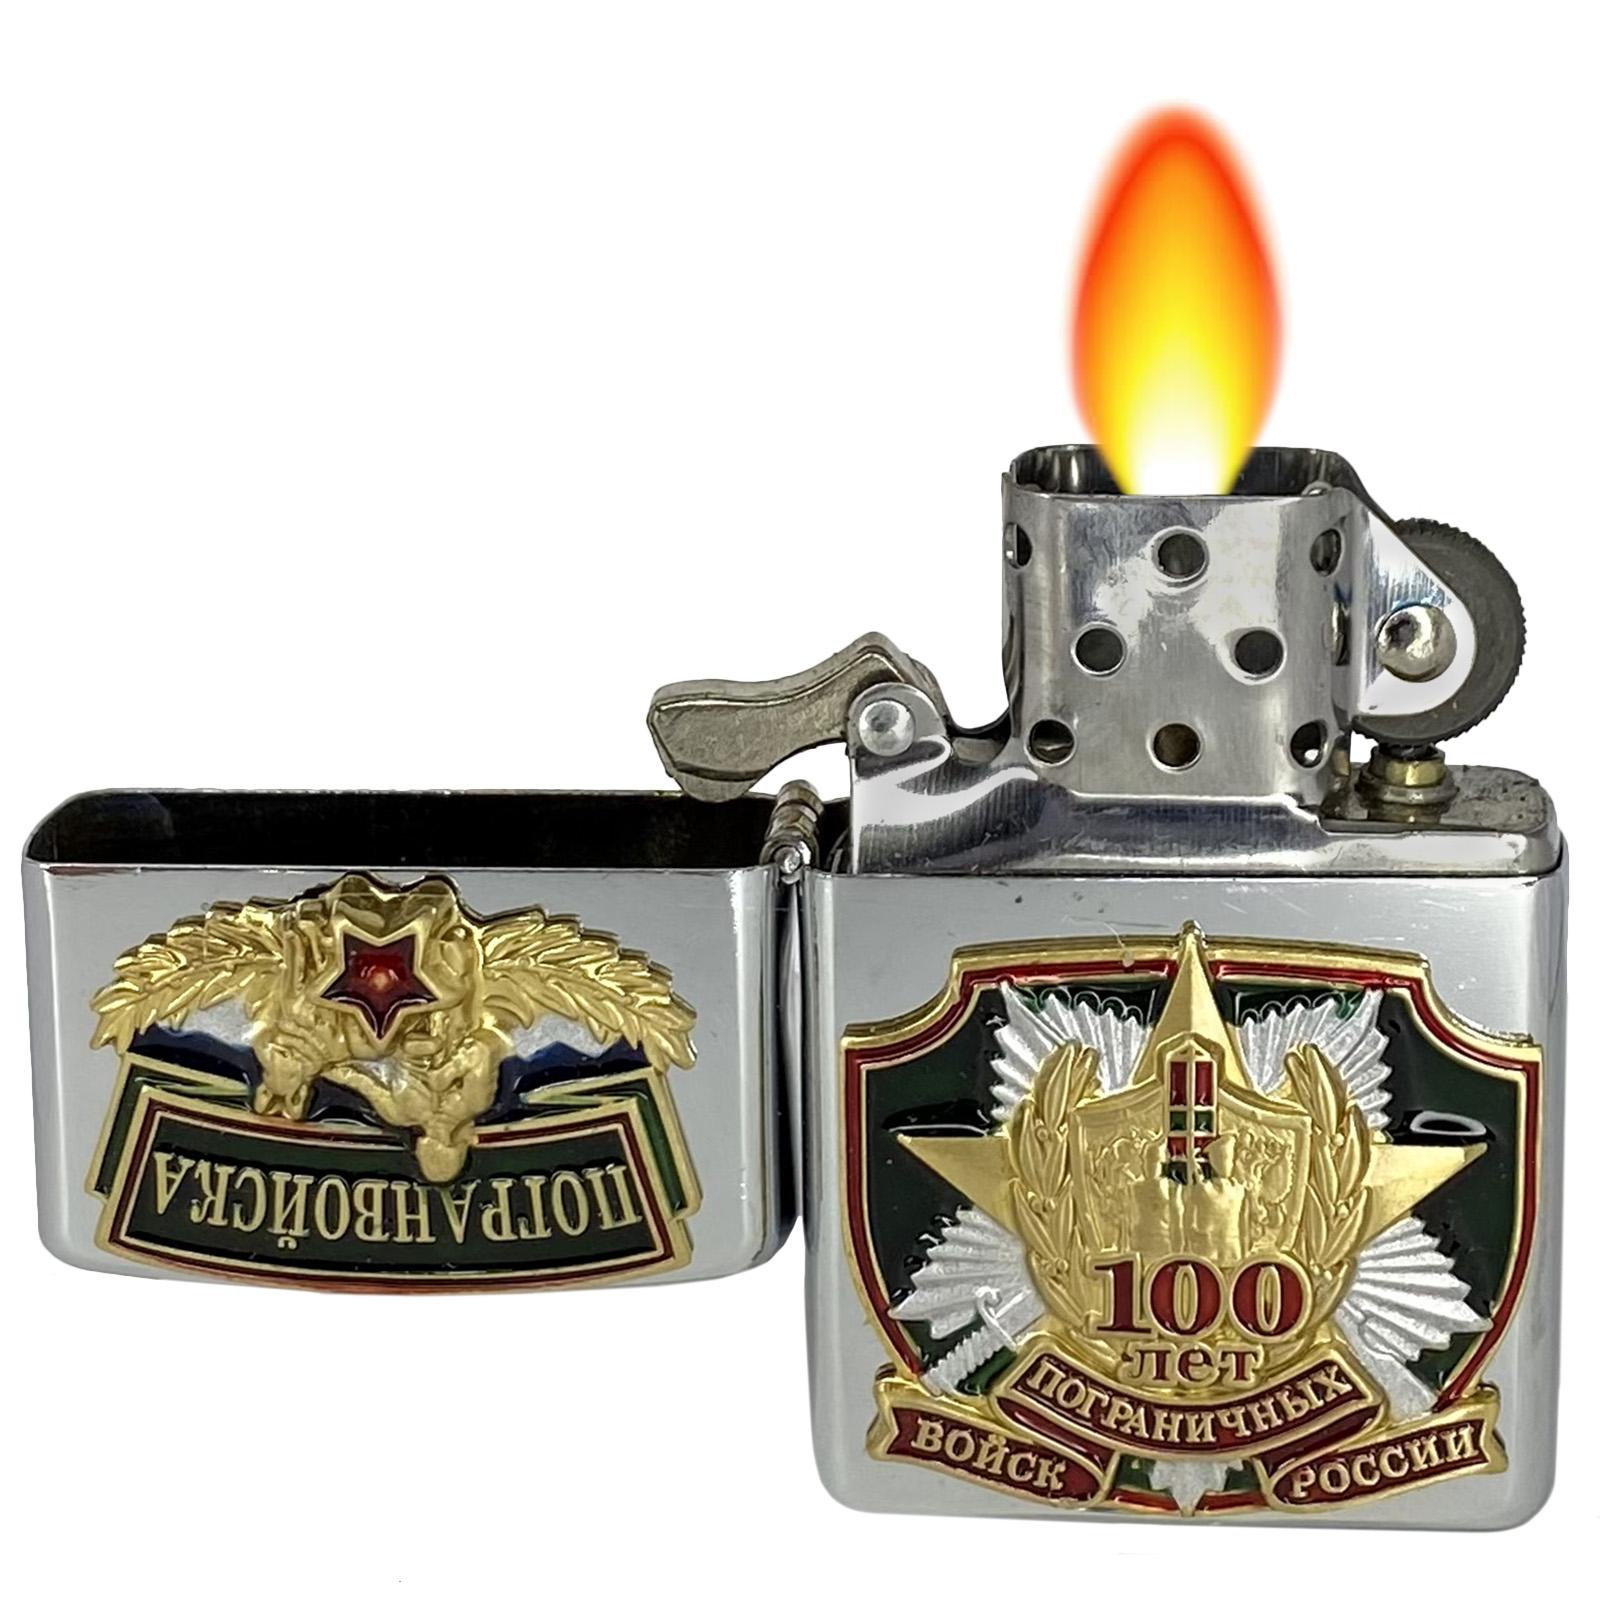 Подарочная зажигалка к юбилею Погранвойск многократной заправки